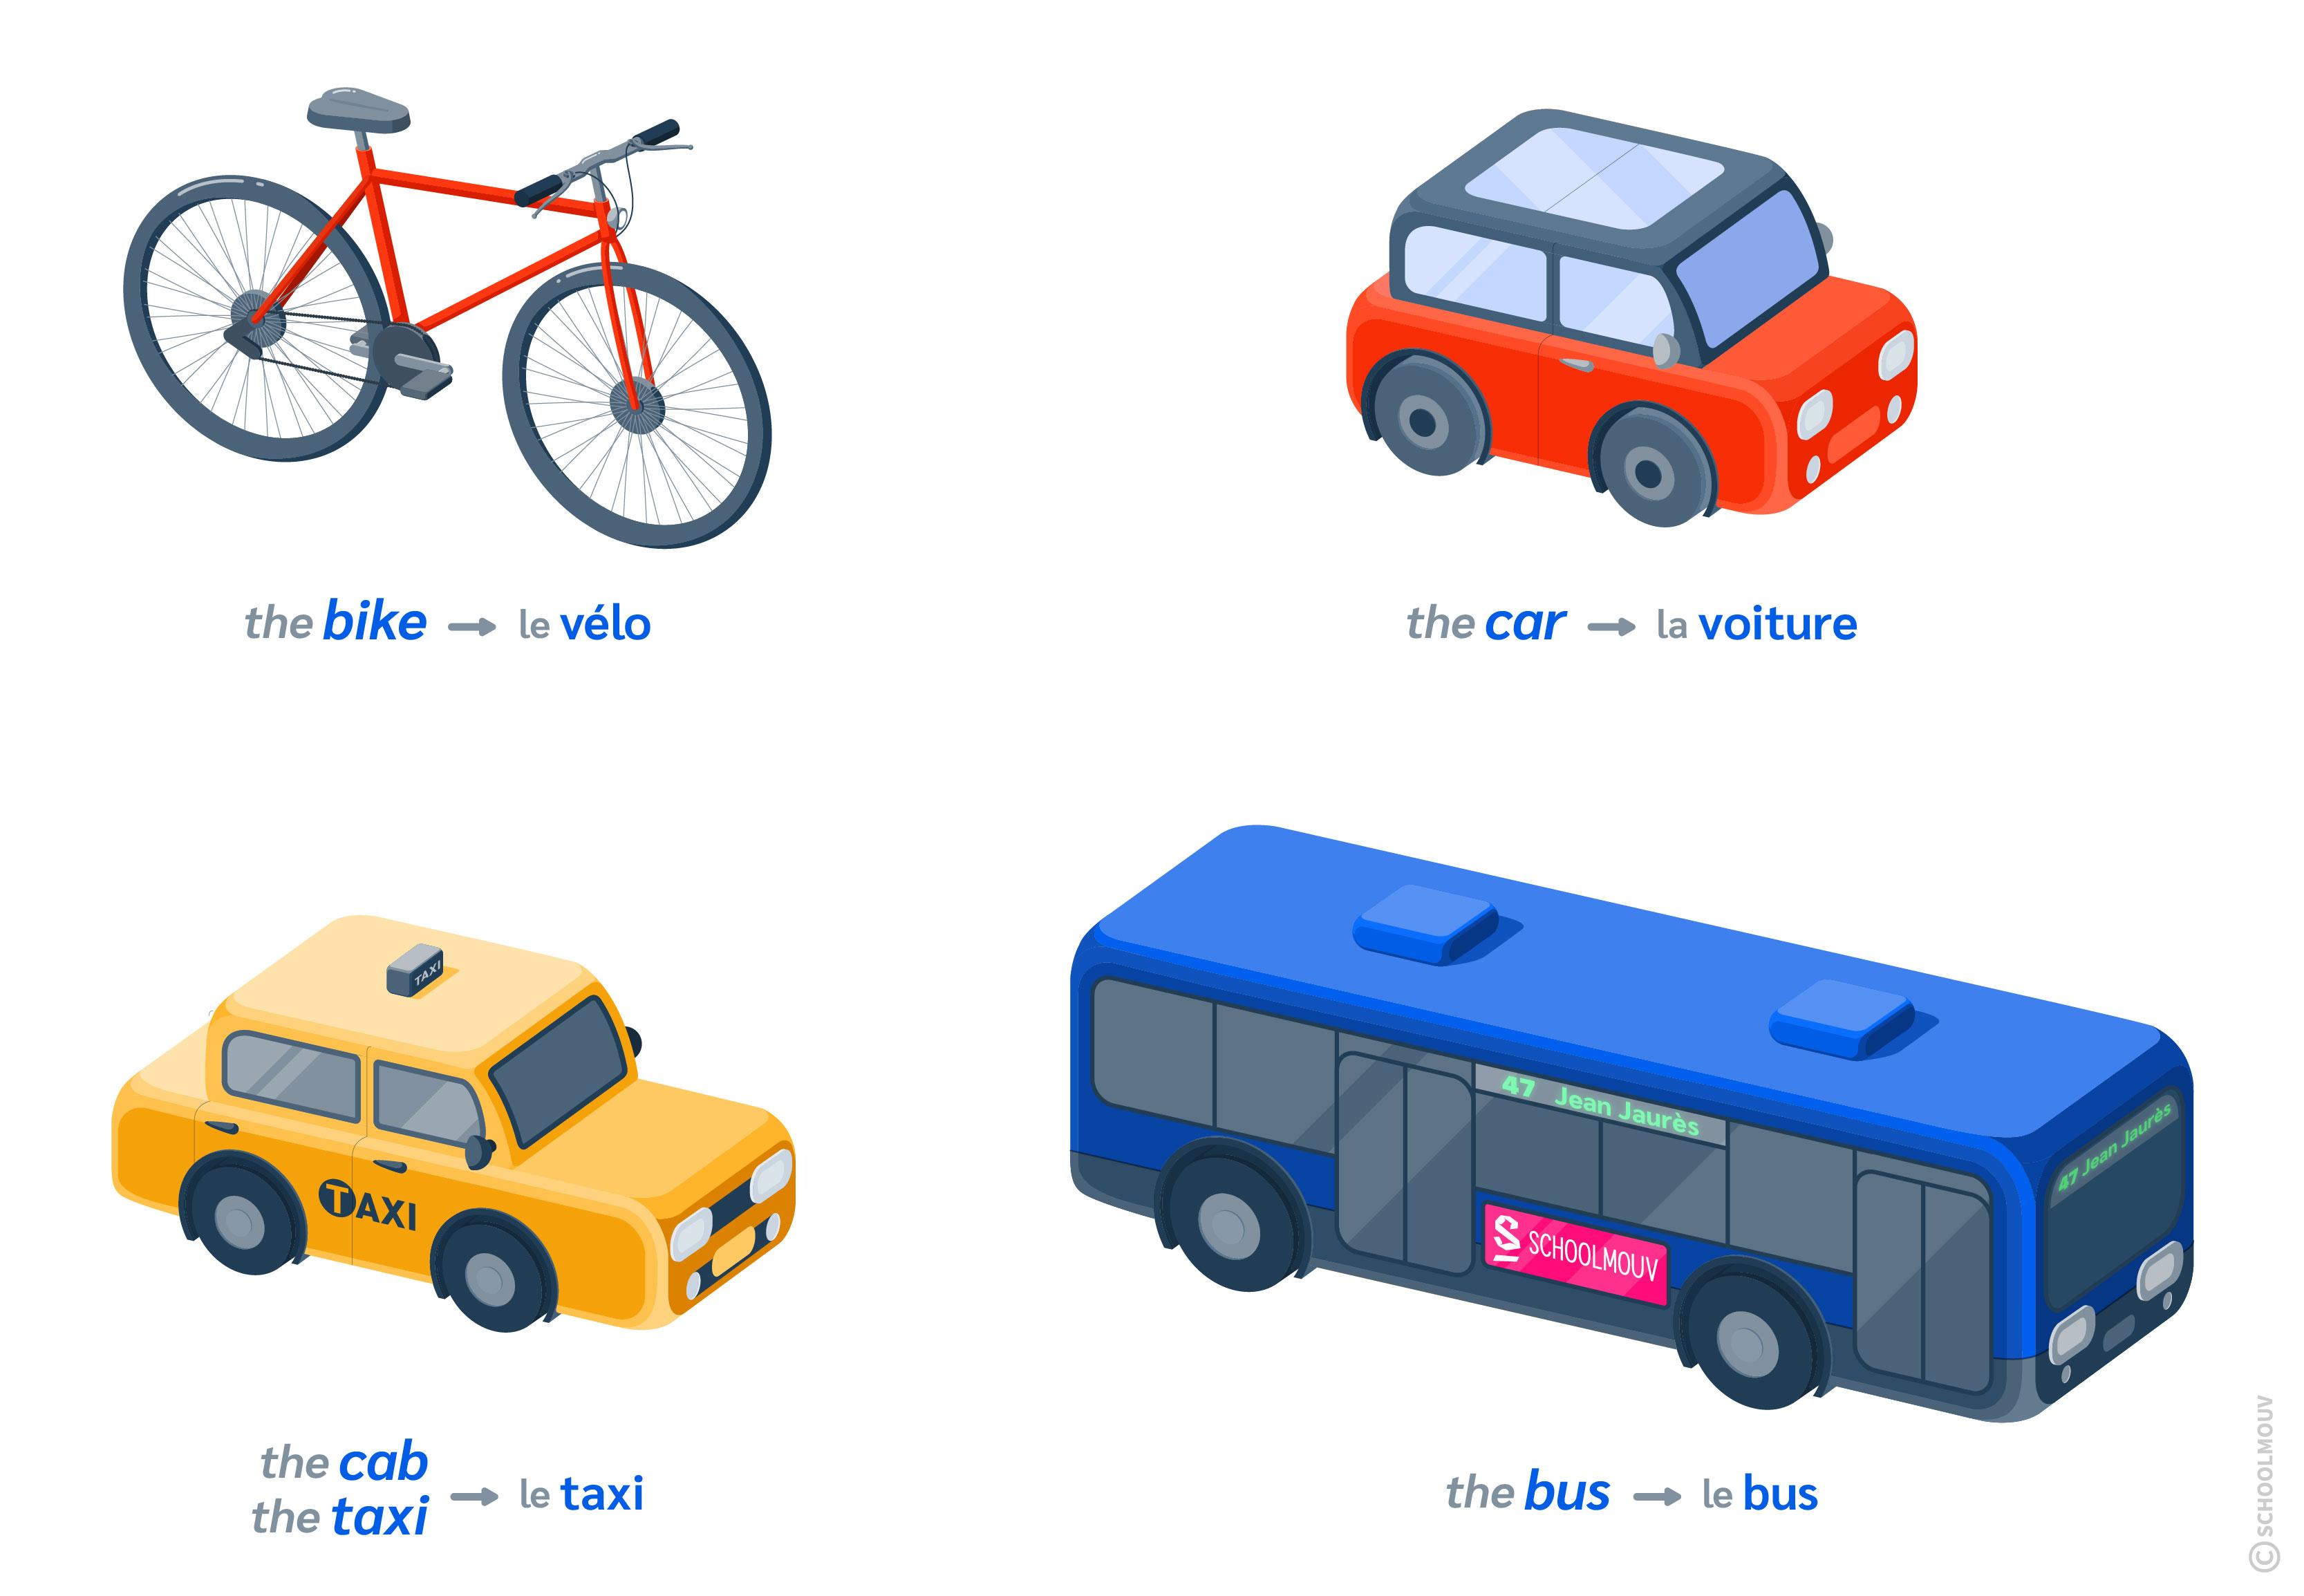 transports anglais bus bike car cab